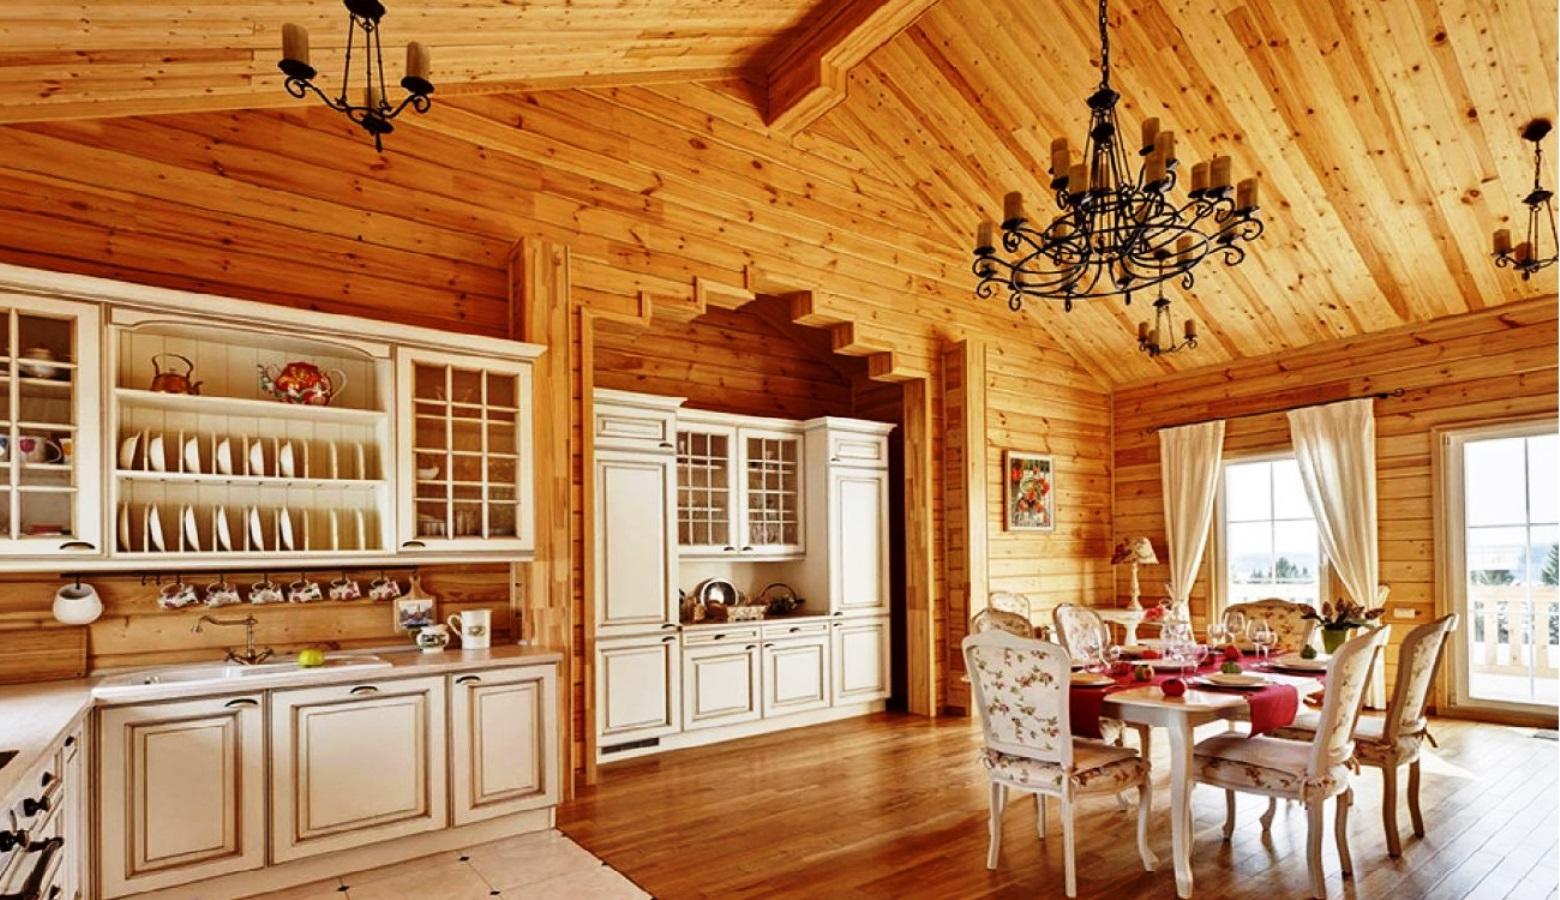 Вагонка для кухни, типы используемой для ее изготовления древесины и особенности материала - тема данного материала. Вот, что они нам рассказали эксперты.